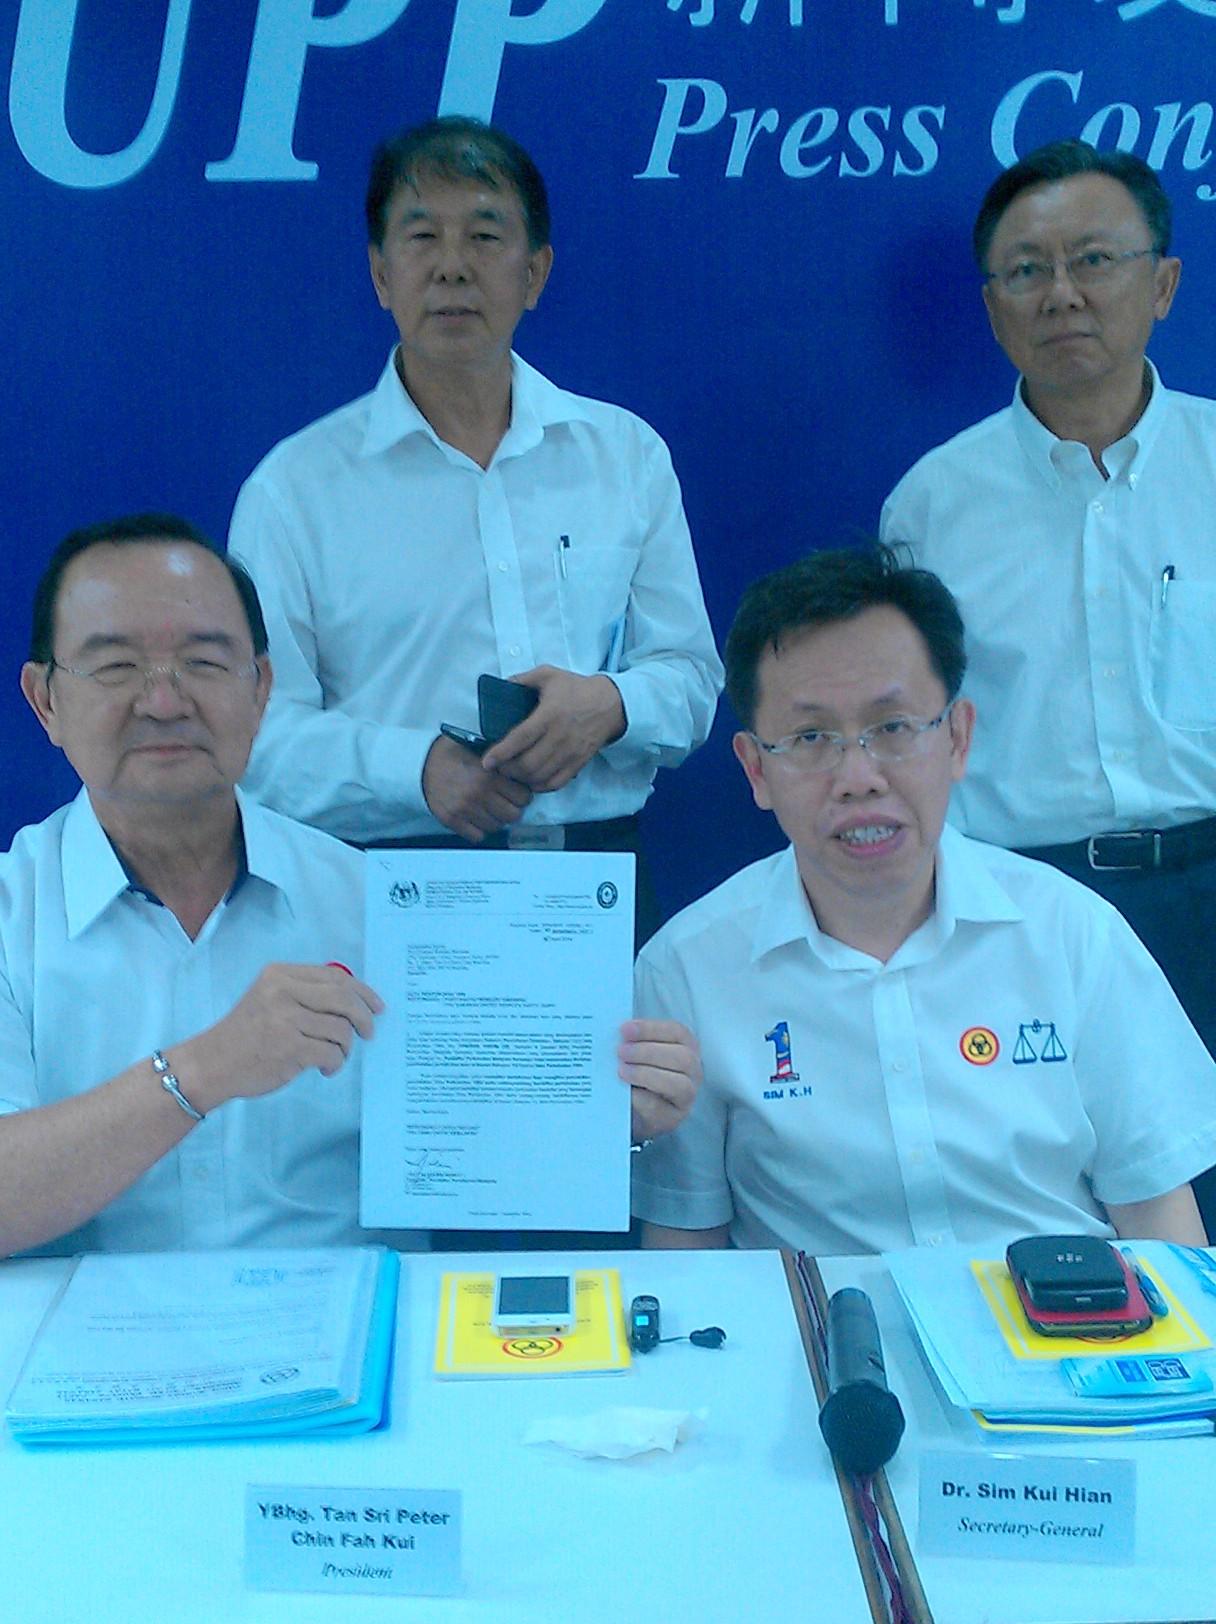 党主席丹斯里陈华贵展示大马社团注册局来函,其旁为秘书长沈桂贤医生,后左一为宣教秘书拿督陈超耀,右一为谢超发。